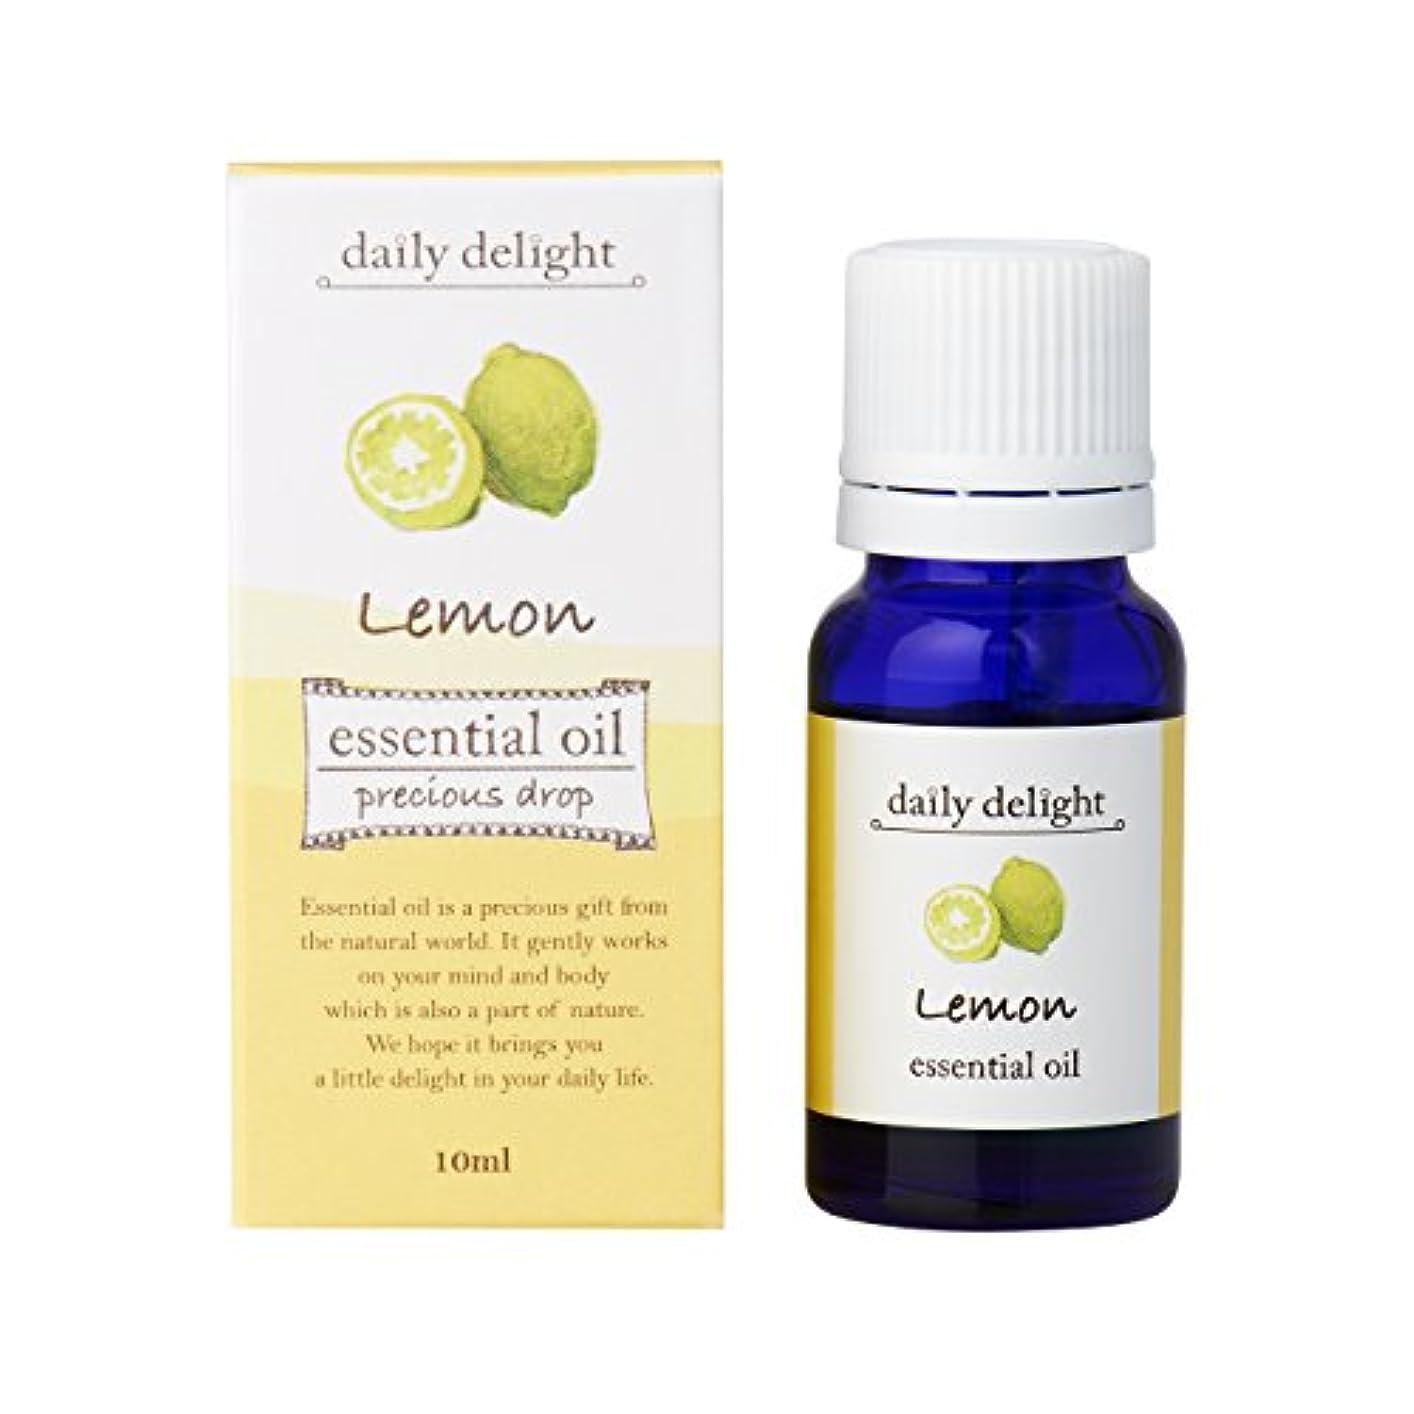 エッセイガウンもっとデイリーディライト エッセンシャルオイル  レモン 10ml(天然100% 精油 アロマ 柑橘系 さっぱりして気分転換におすすめの香り)